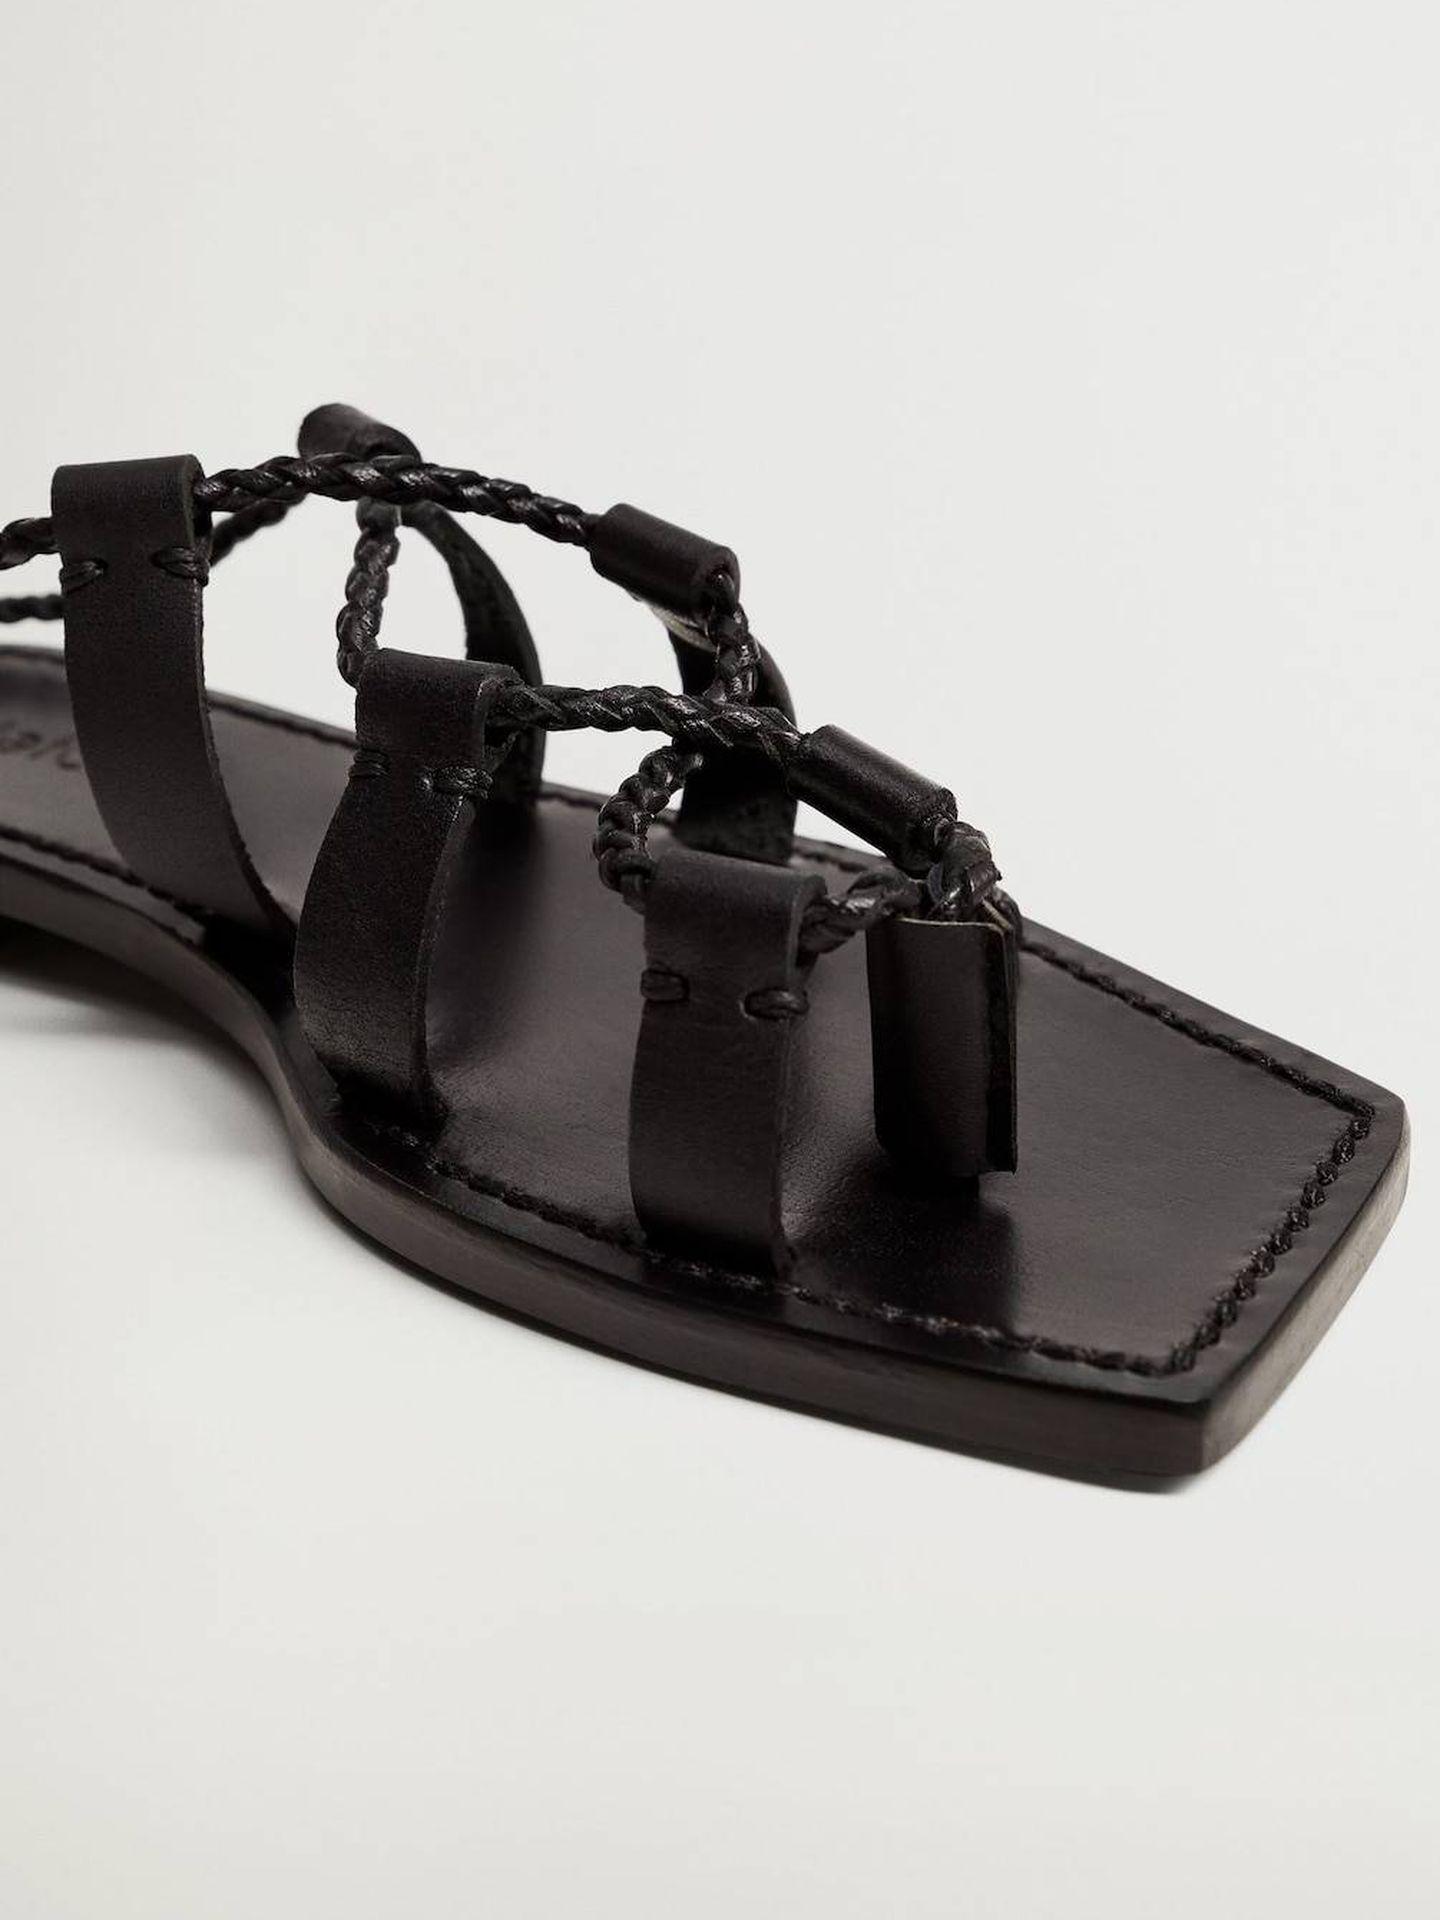 Sandalias atadas de Violeta by Mango. (Cortesía)